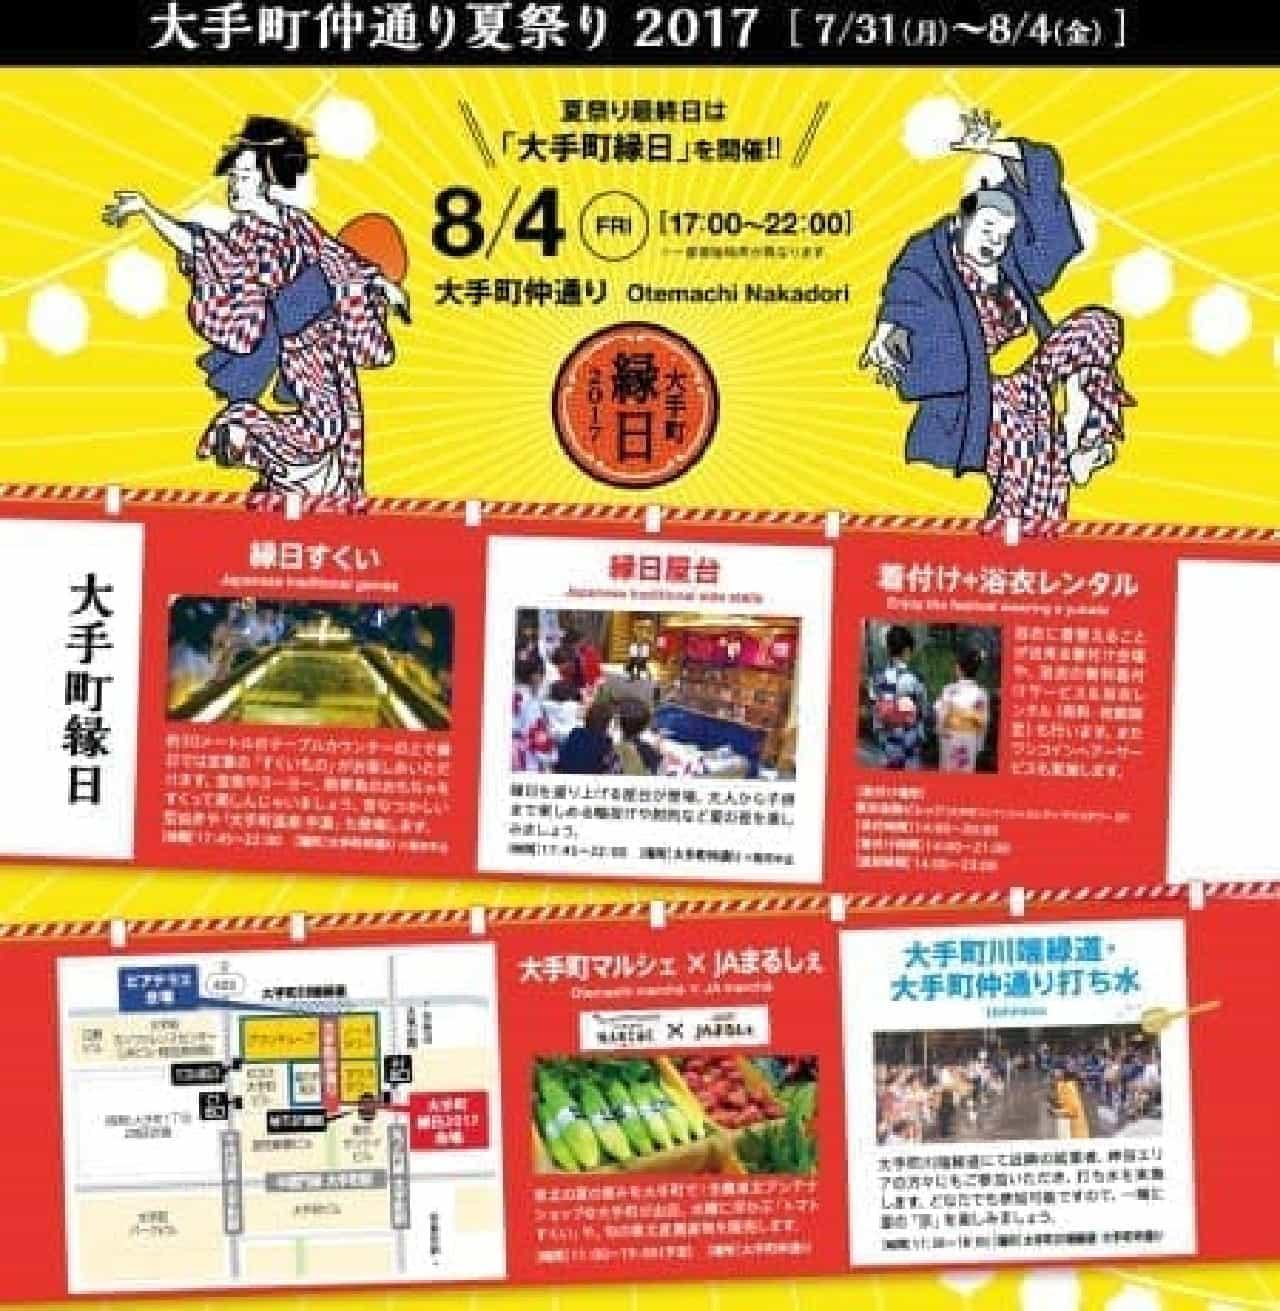 大手町仲通り夏祭り2017